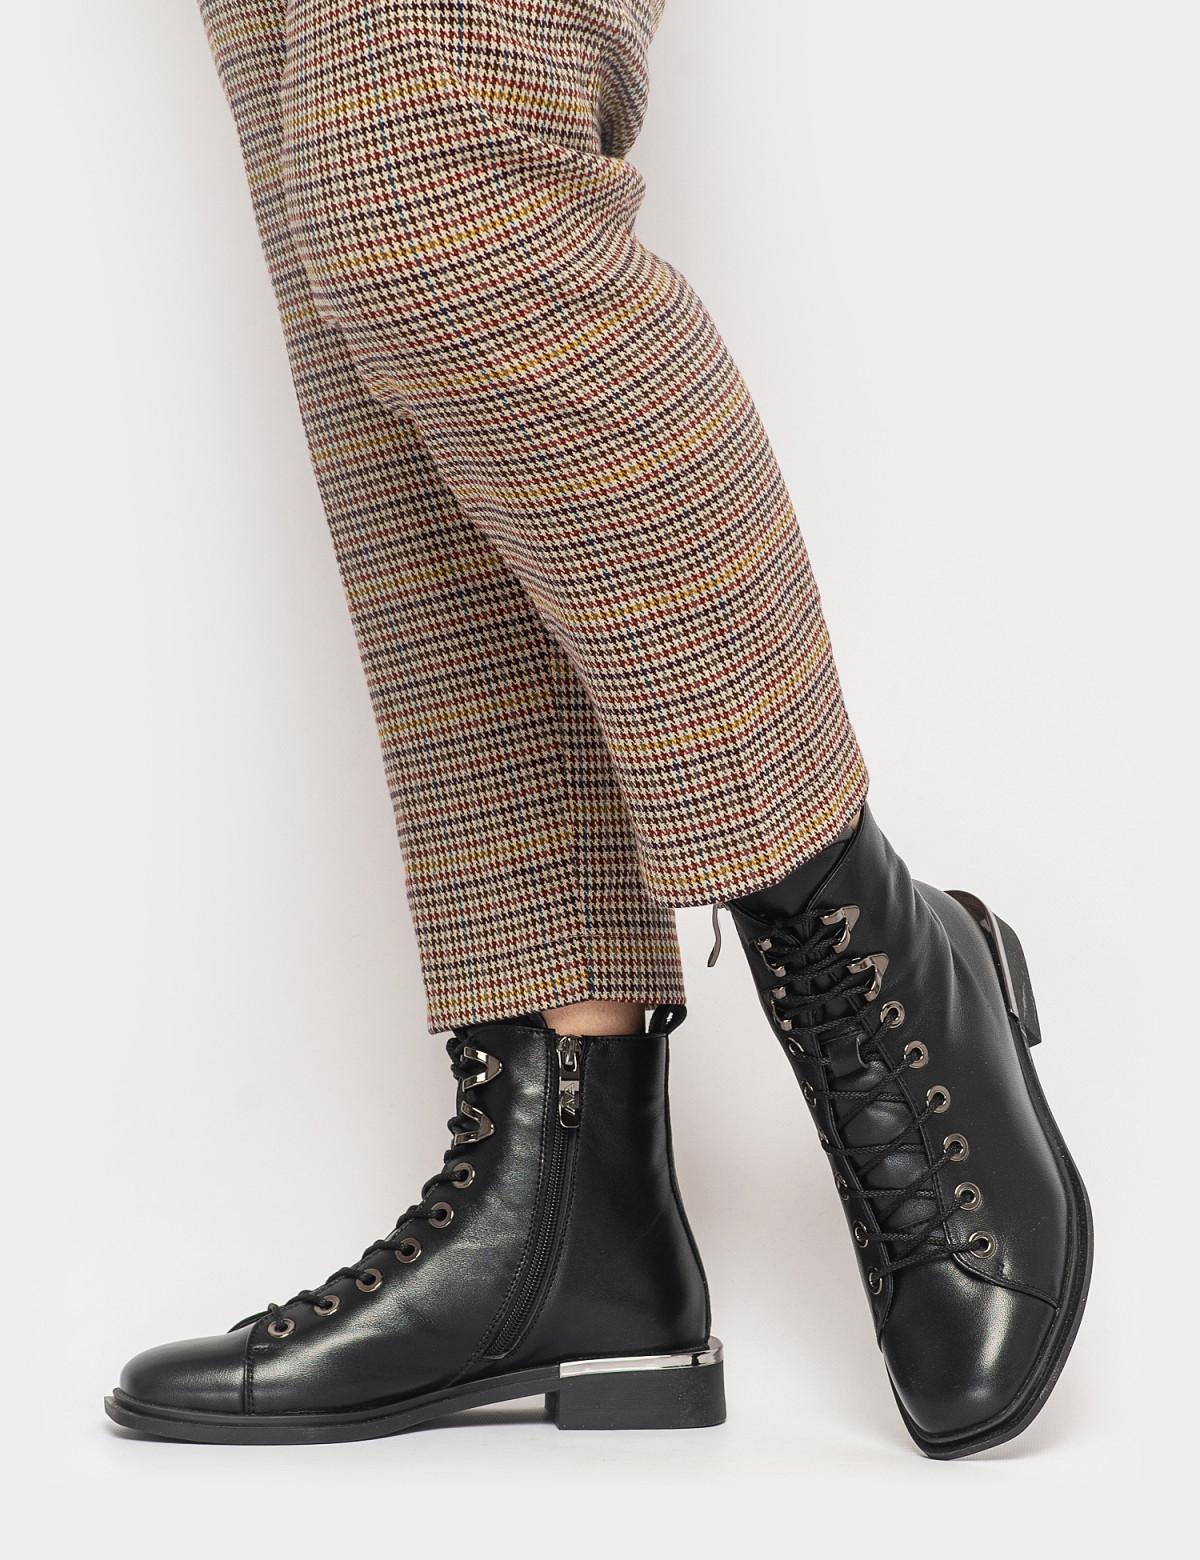 Ботинки черные. Натуральная кожа. Байка4